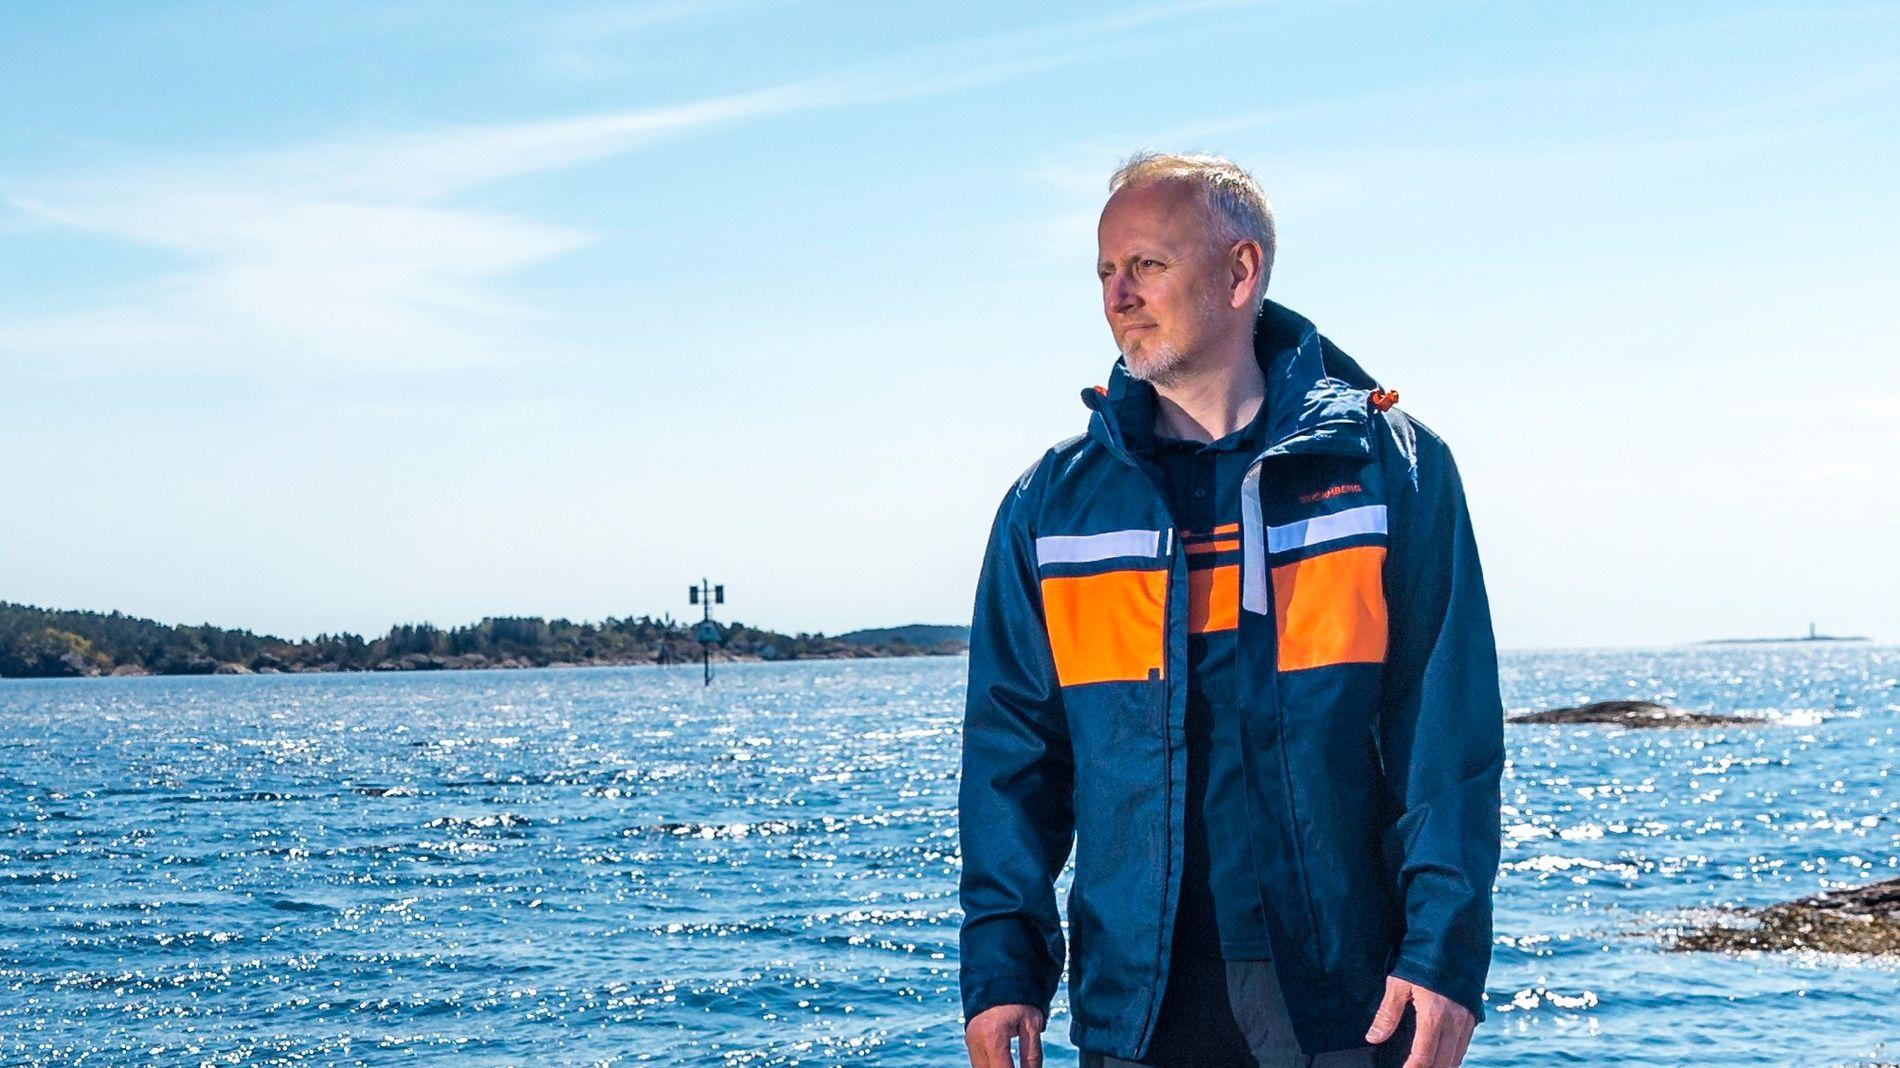 ENGASJERT: Stormberg-sjef Steinar J. Olsen jobber målrettet for å bidra til at mennesker som har problemer med å komme inn i arbeidslivet får jobb.